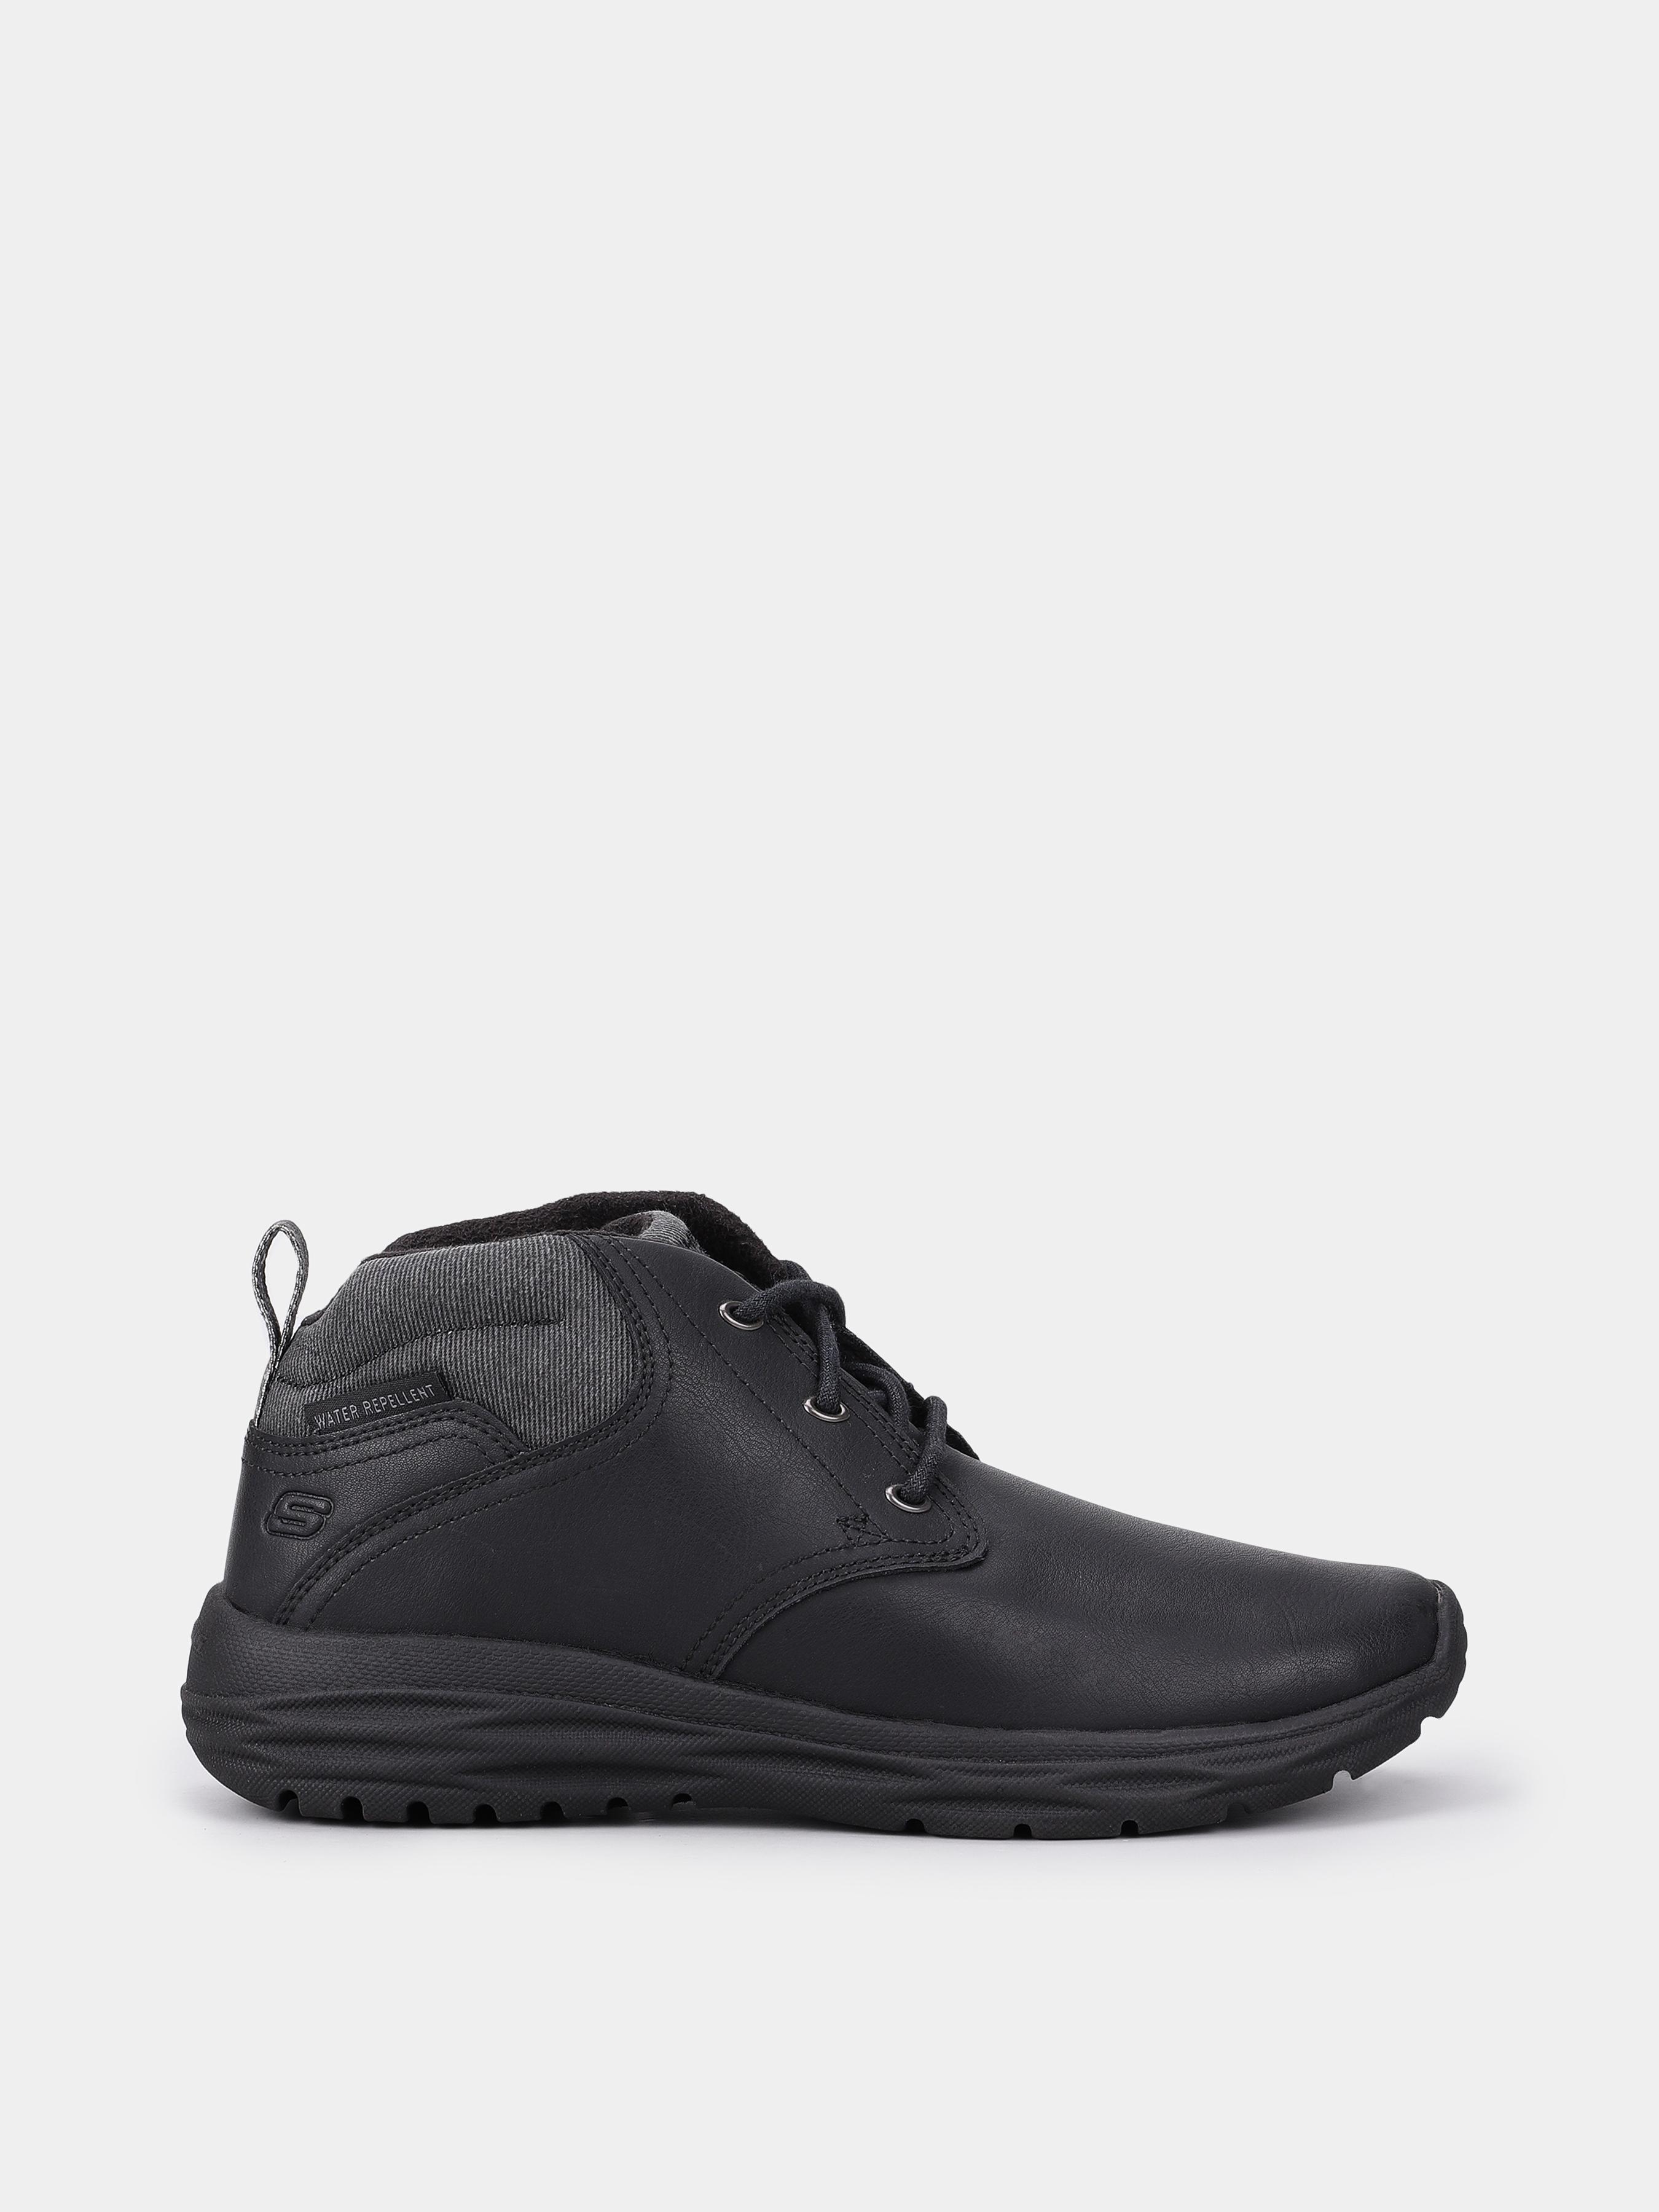 Купить Ботинки мужские Skechers KM3424, Черный